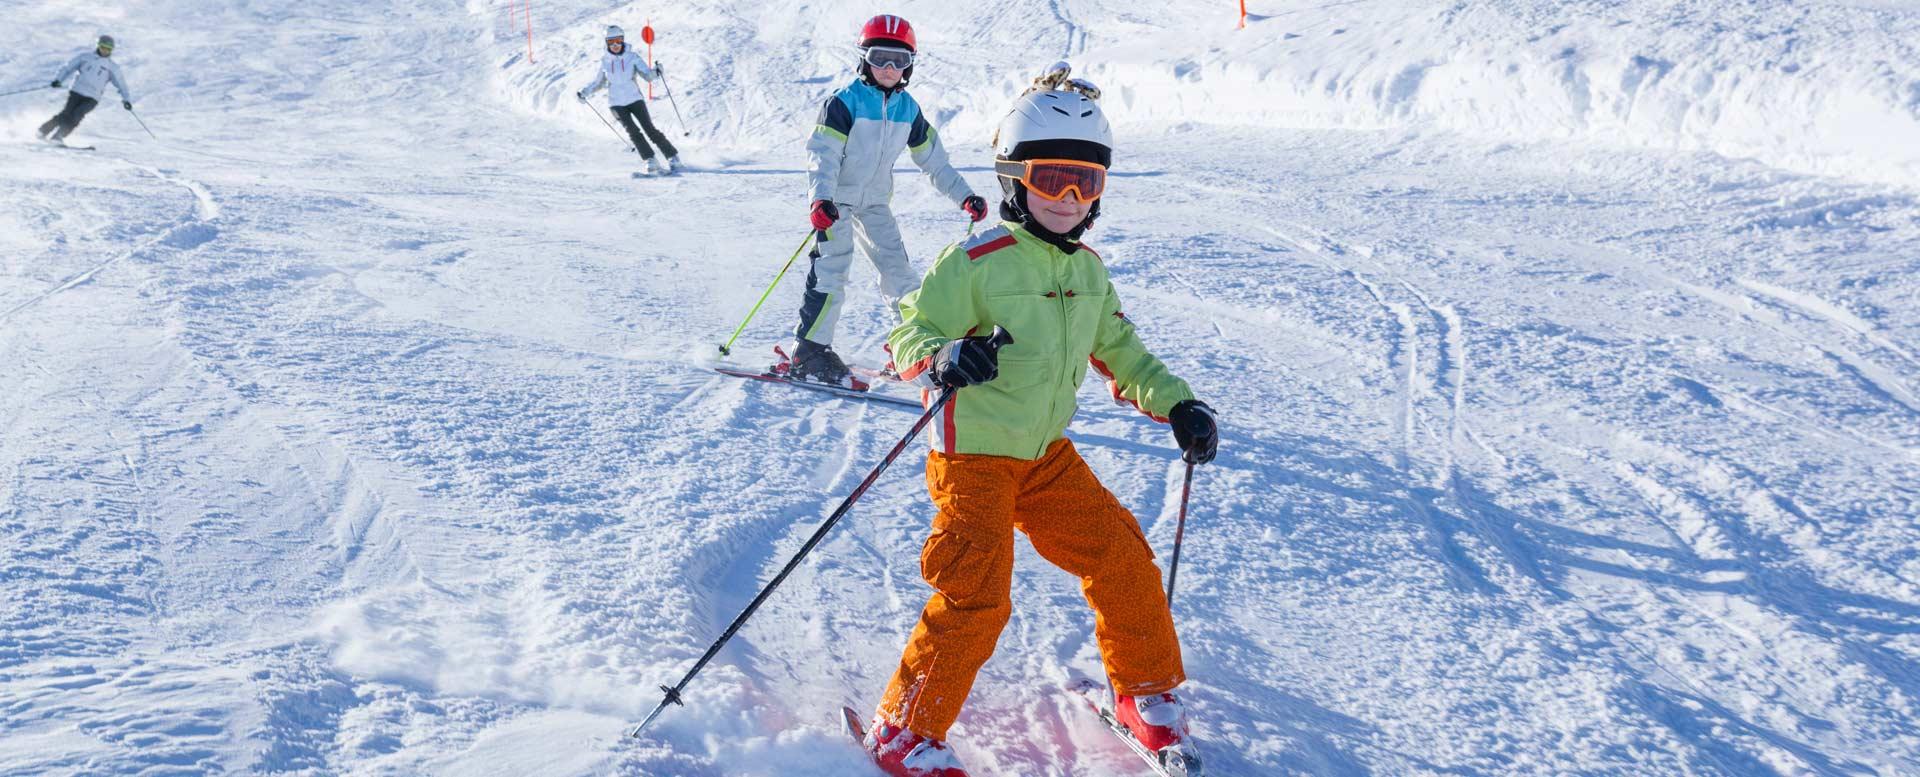 Kinder - richtige Ausrüstung beim Skifahren